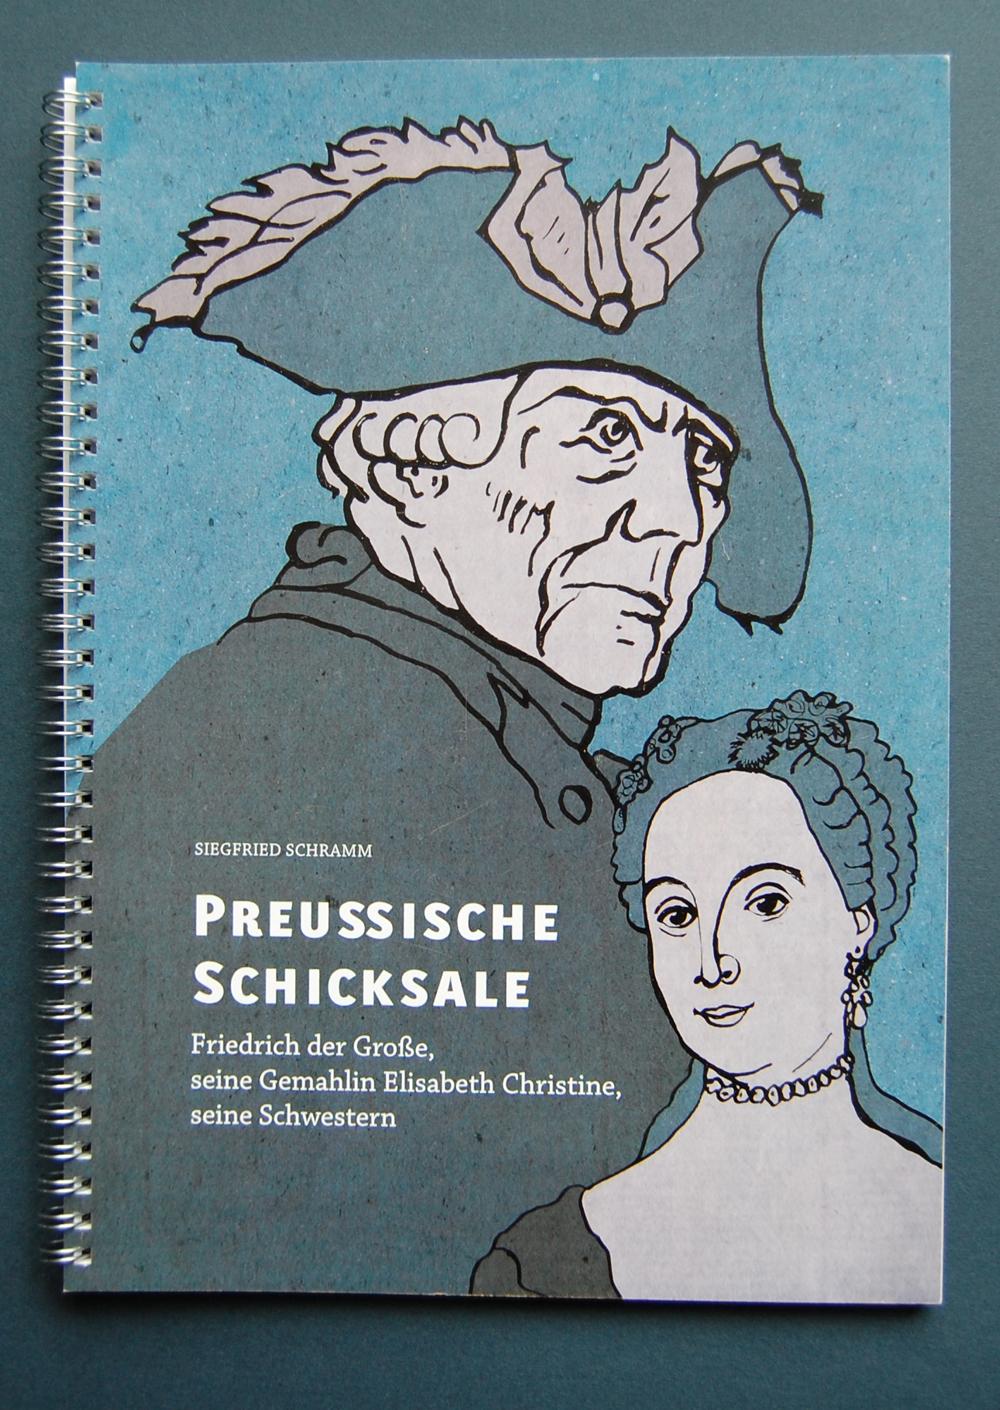 Ieva-Kunga_Preussische-Schicksale_Broschure_2012-3